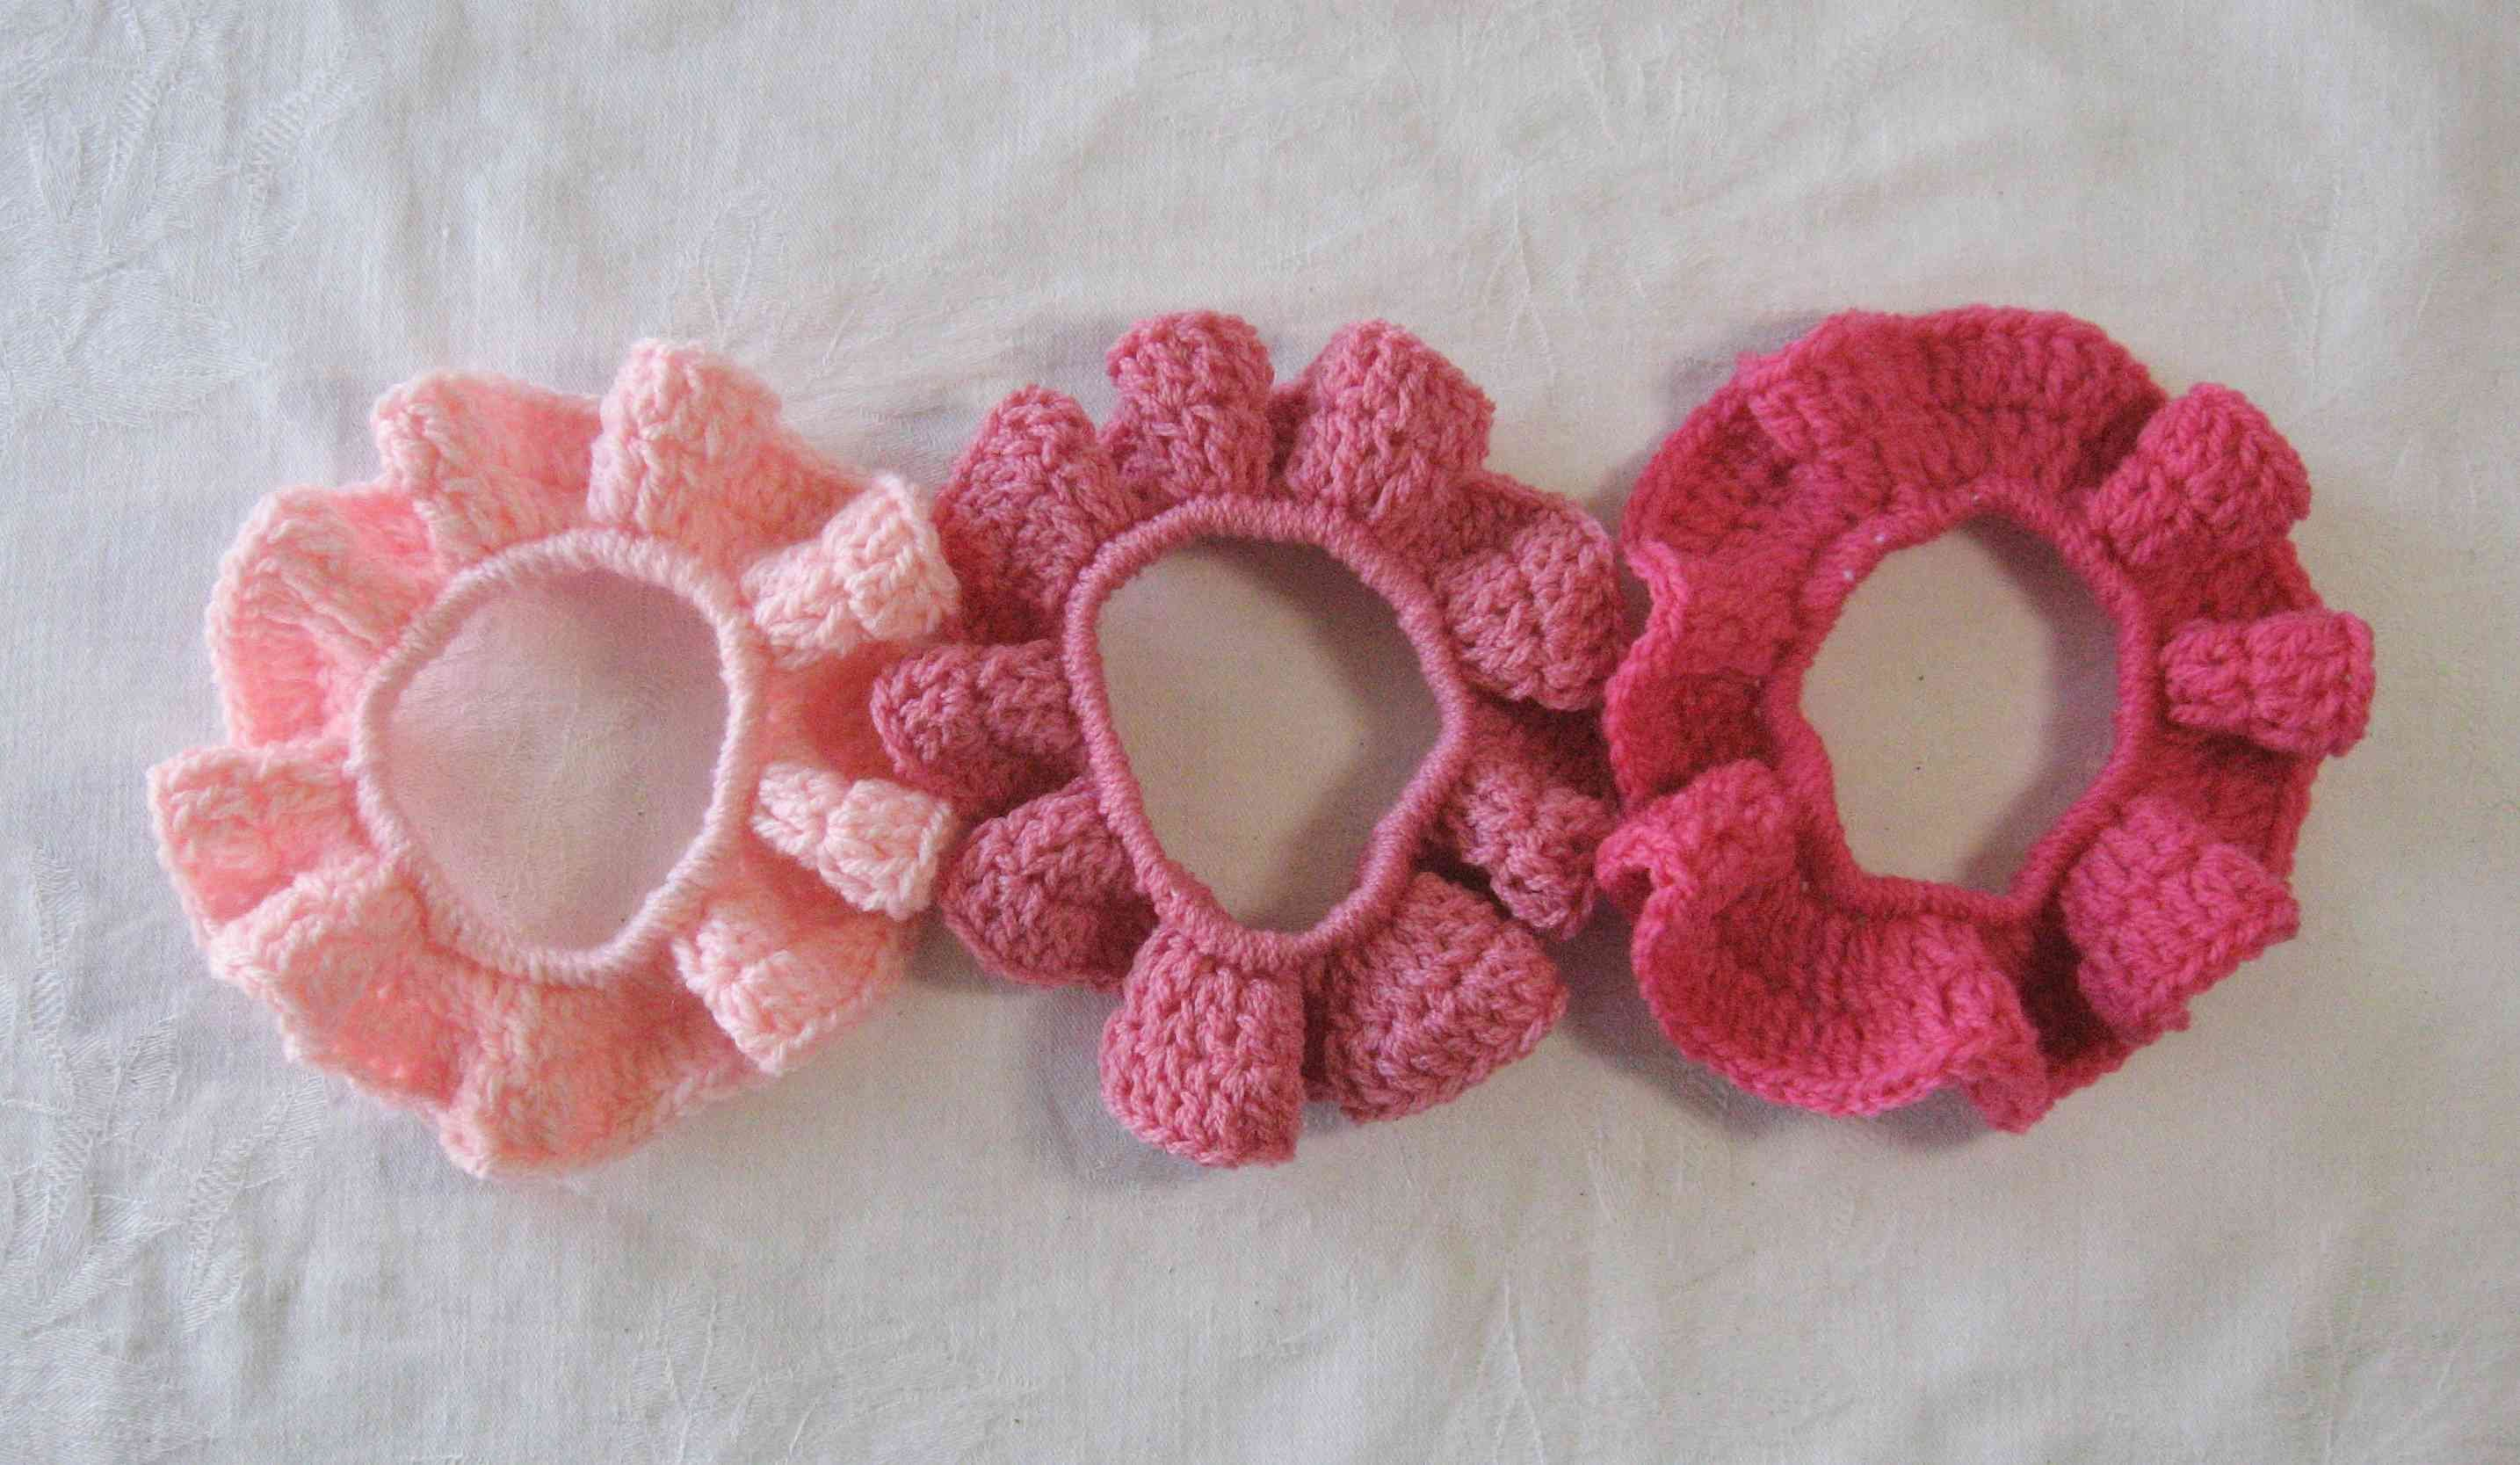 Pink crochet scrunchie, pink scrunchie, pink ponytail holder, pink hair accessor... - basketballsports - Pink crochet scrunchie, pink scrunchie, pink ponytail holder, pink hair accessor...        Pink crochet scrunchie, pink scrunchie, pink ponytail holder, pink hair accessory, hair tie, hair elastic, ponytail tie, ponytail elastic #crochetscrunchies Pink crochet scrunchies, pink scrunchie, pink ponytail holder, pink hair accessory, hair tie, hair elastic, ponytail tie, ponytail elastic by Reth #crochetscrunchies